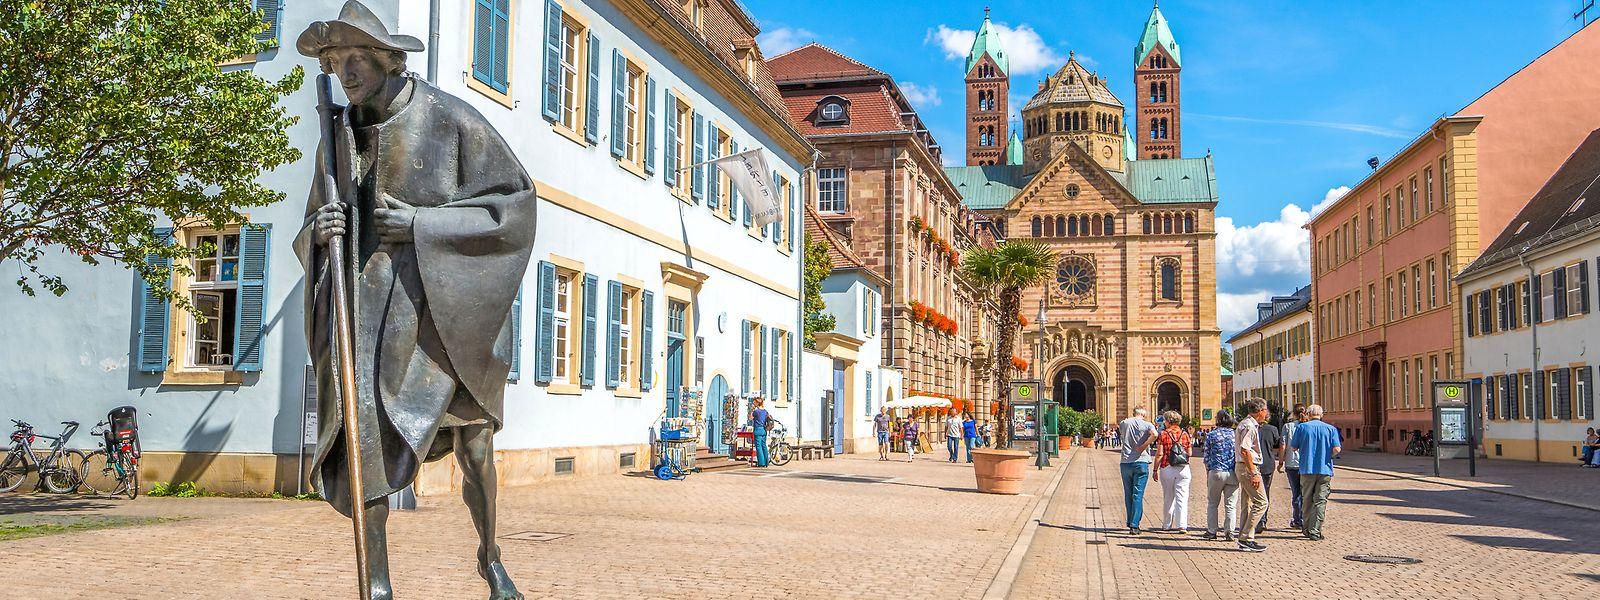 Blick von der Maximilianstraße auf das wohl wichtigste Bauwerk der Stadt Speyer: Der Kaiser- und Mariendom gilt als größte erhaltene romanische Kirche der Welt.